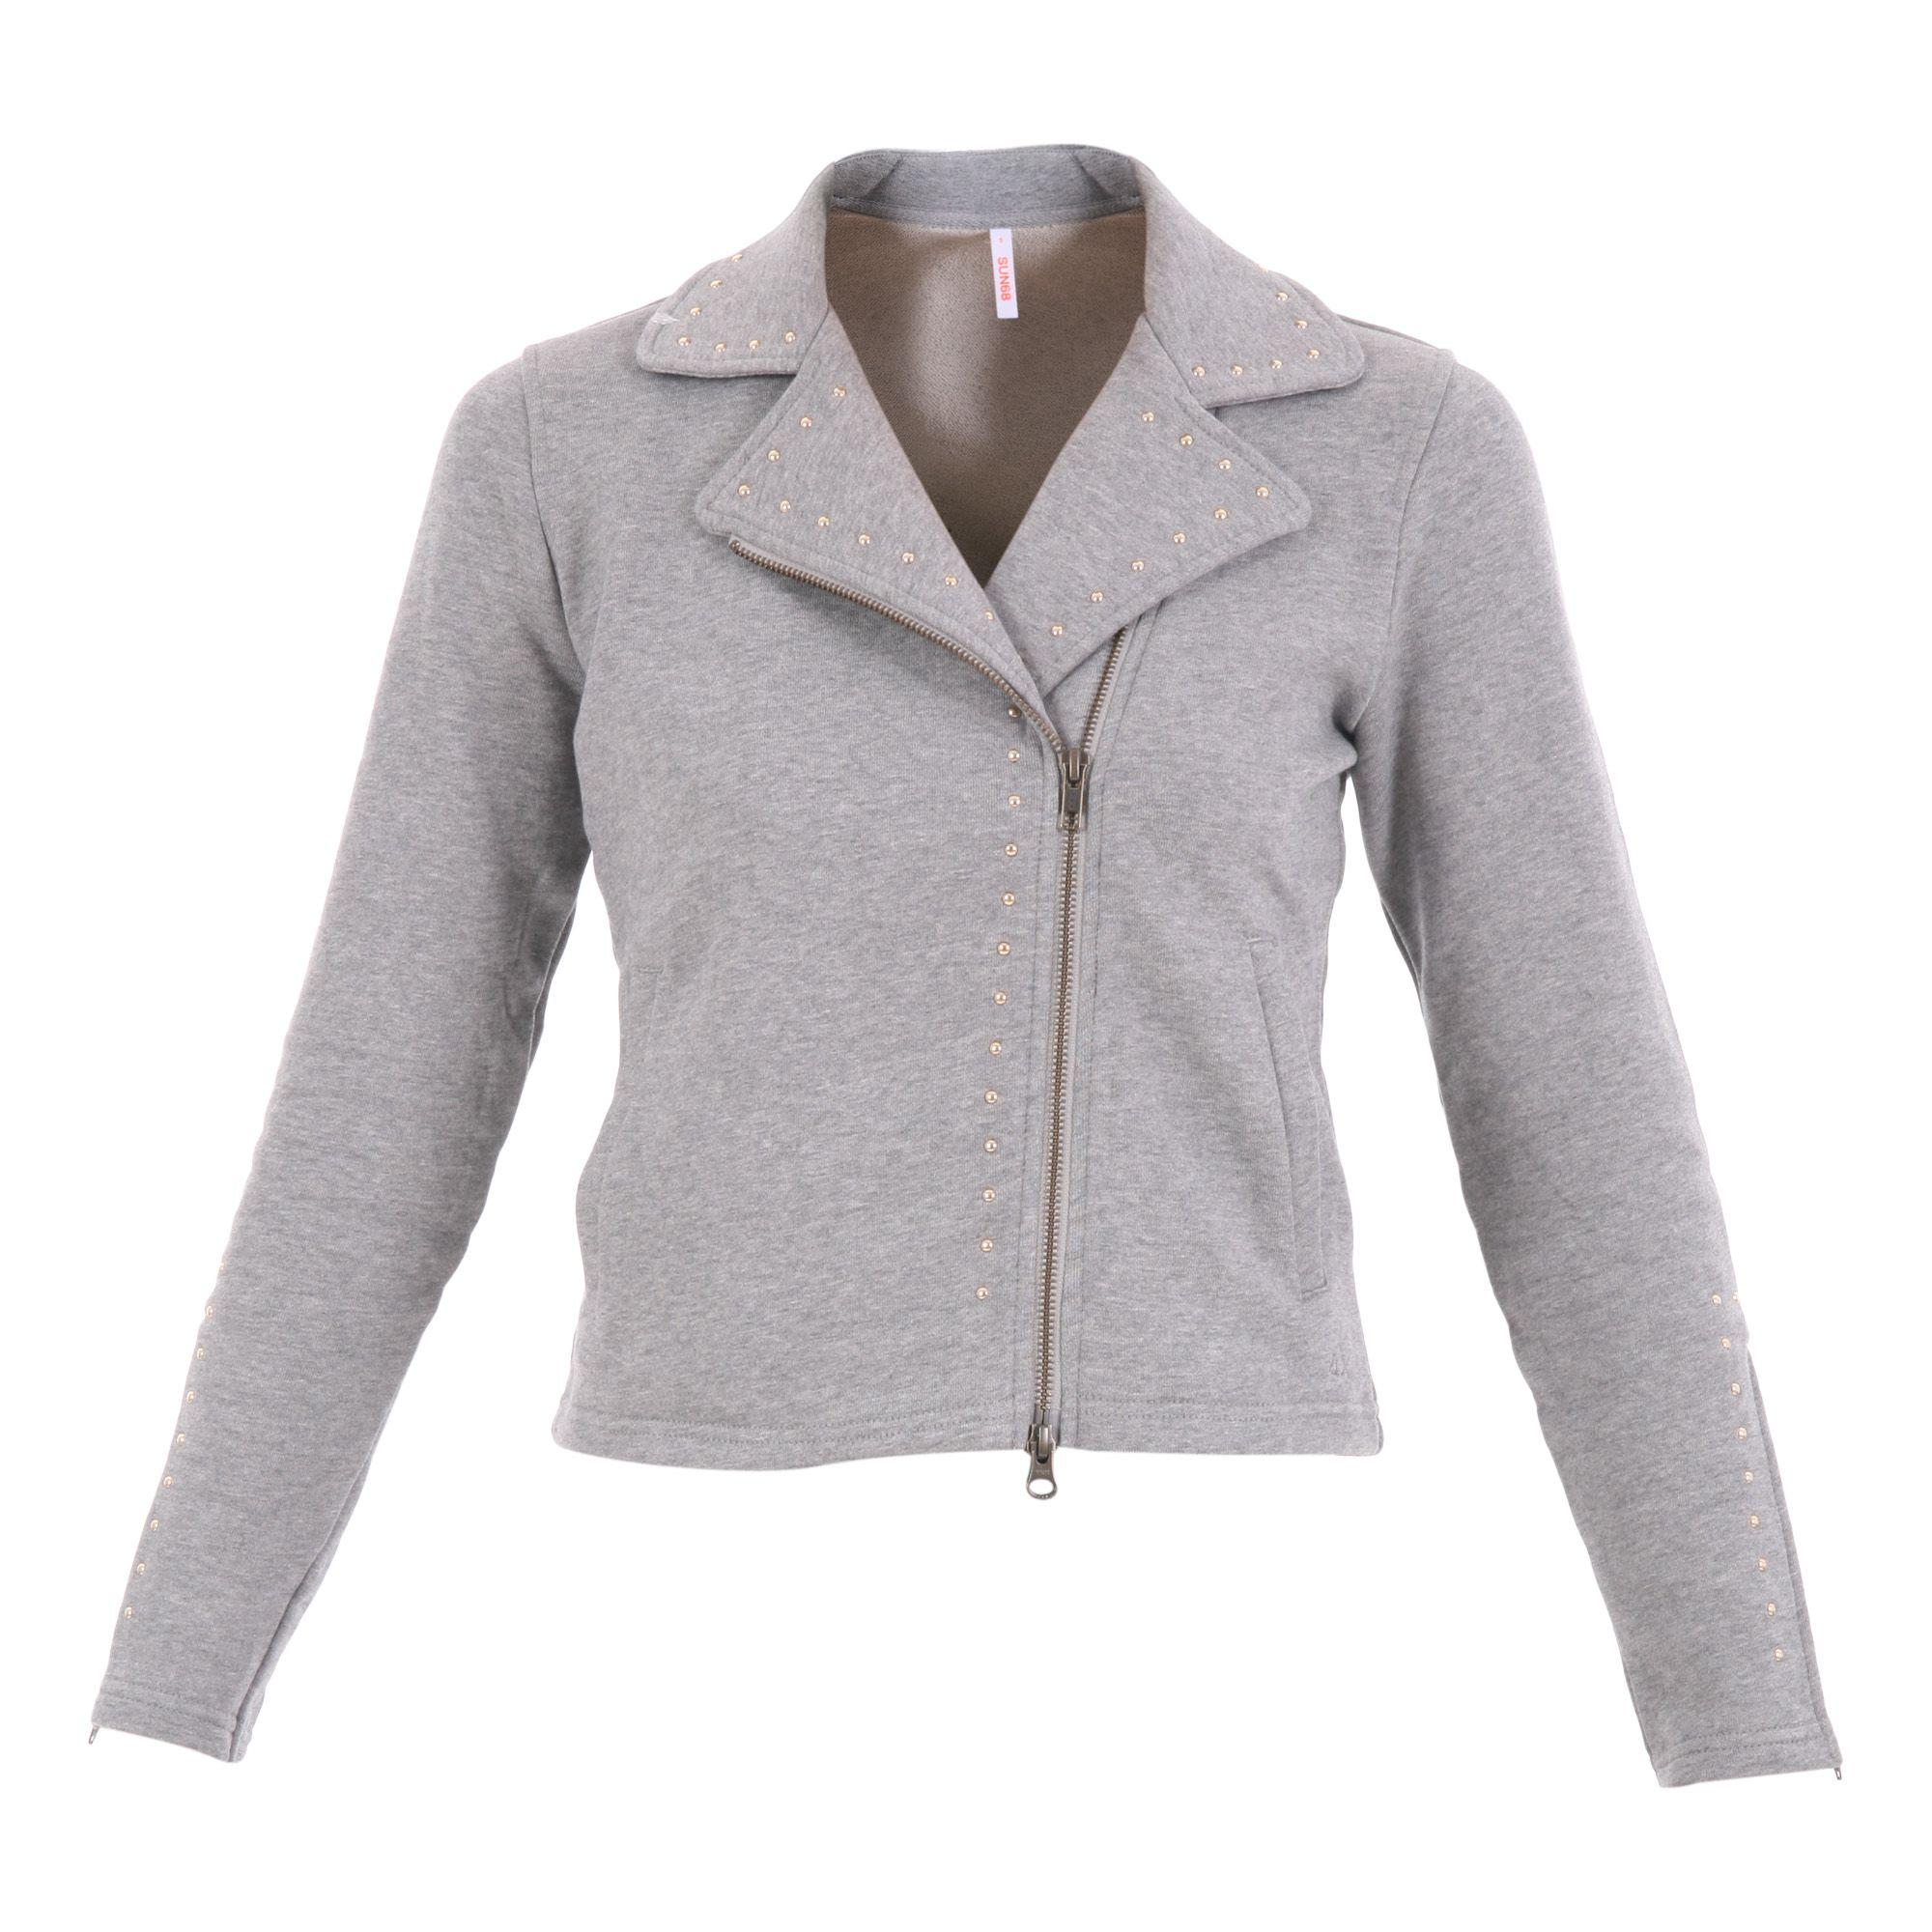 Sun 68 Fleece Cotton Unlined Jacket